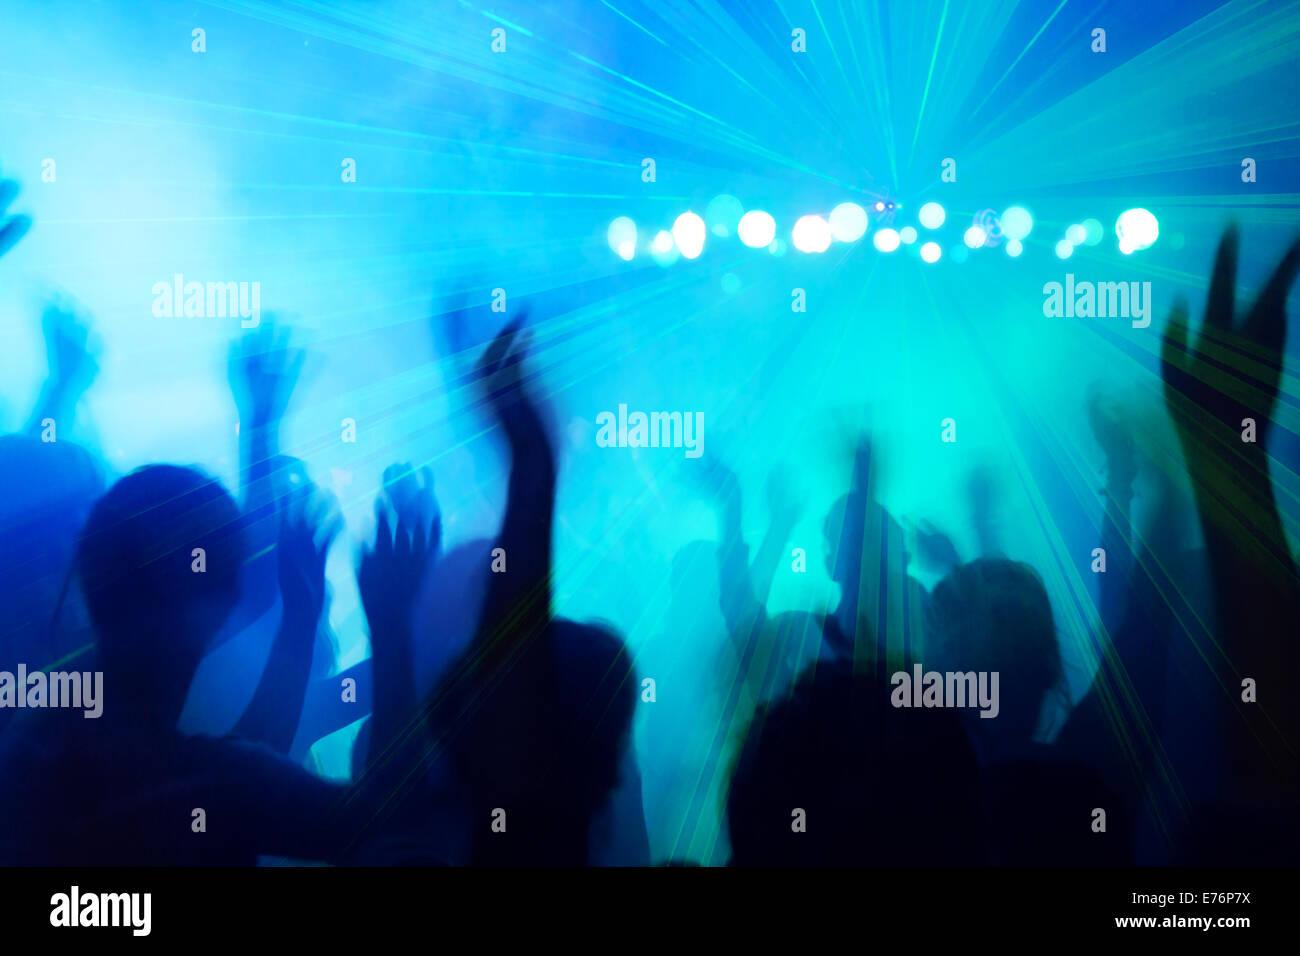 Siluetas de gente bailando al ritmo de la discoteca. Imagen De Stock